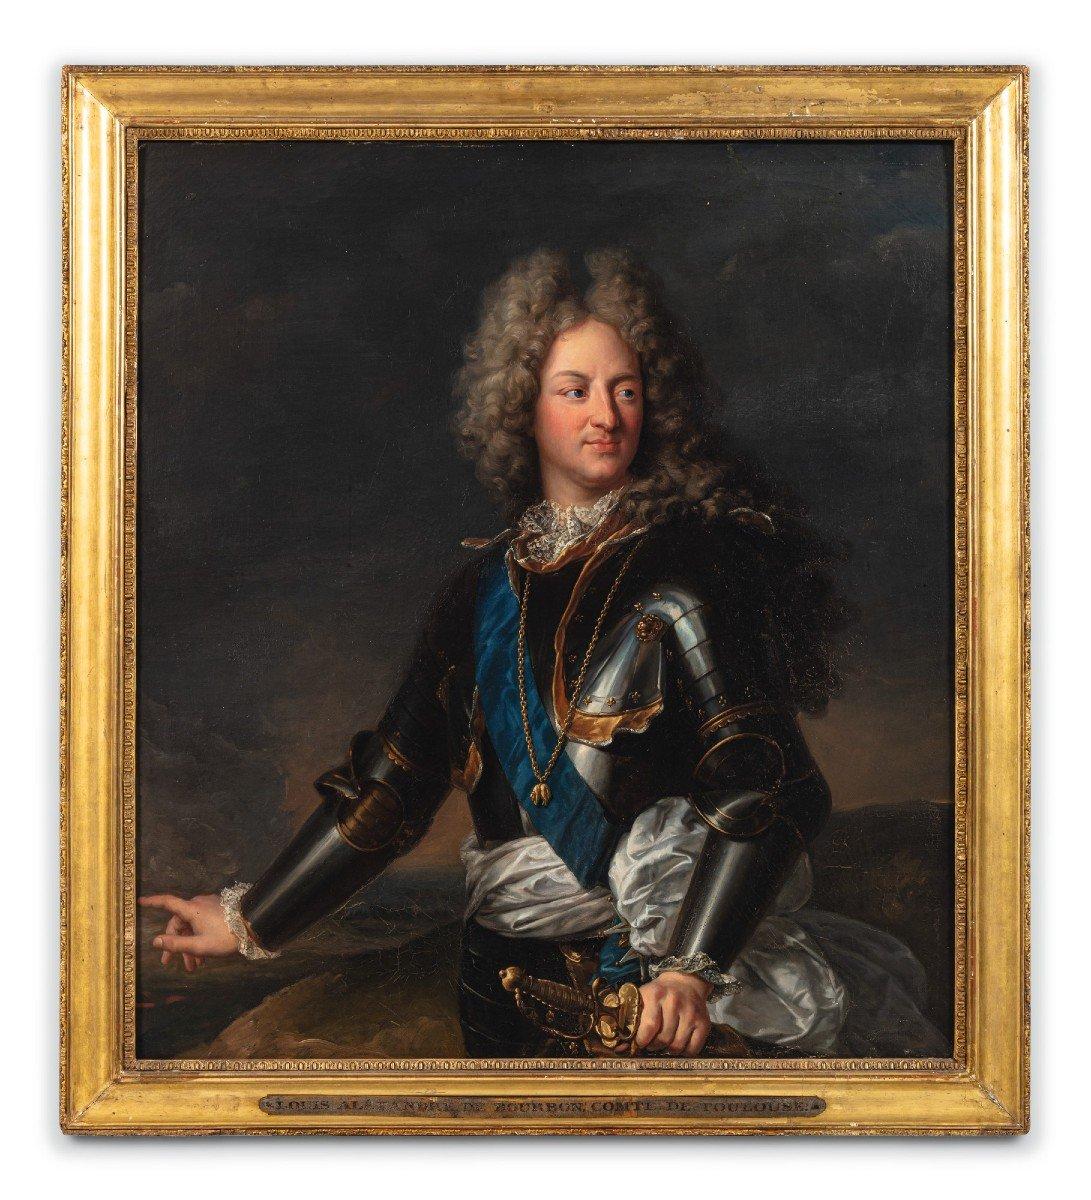 Huile Sur Toile, Portrait Du Comte De Toulouse (1678-1737), Atelier De Hyacinthe Rigaud